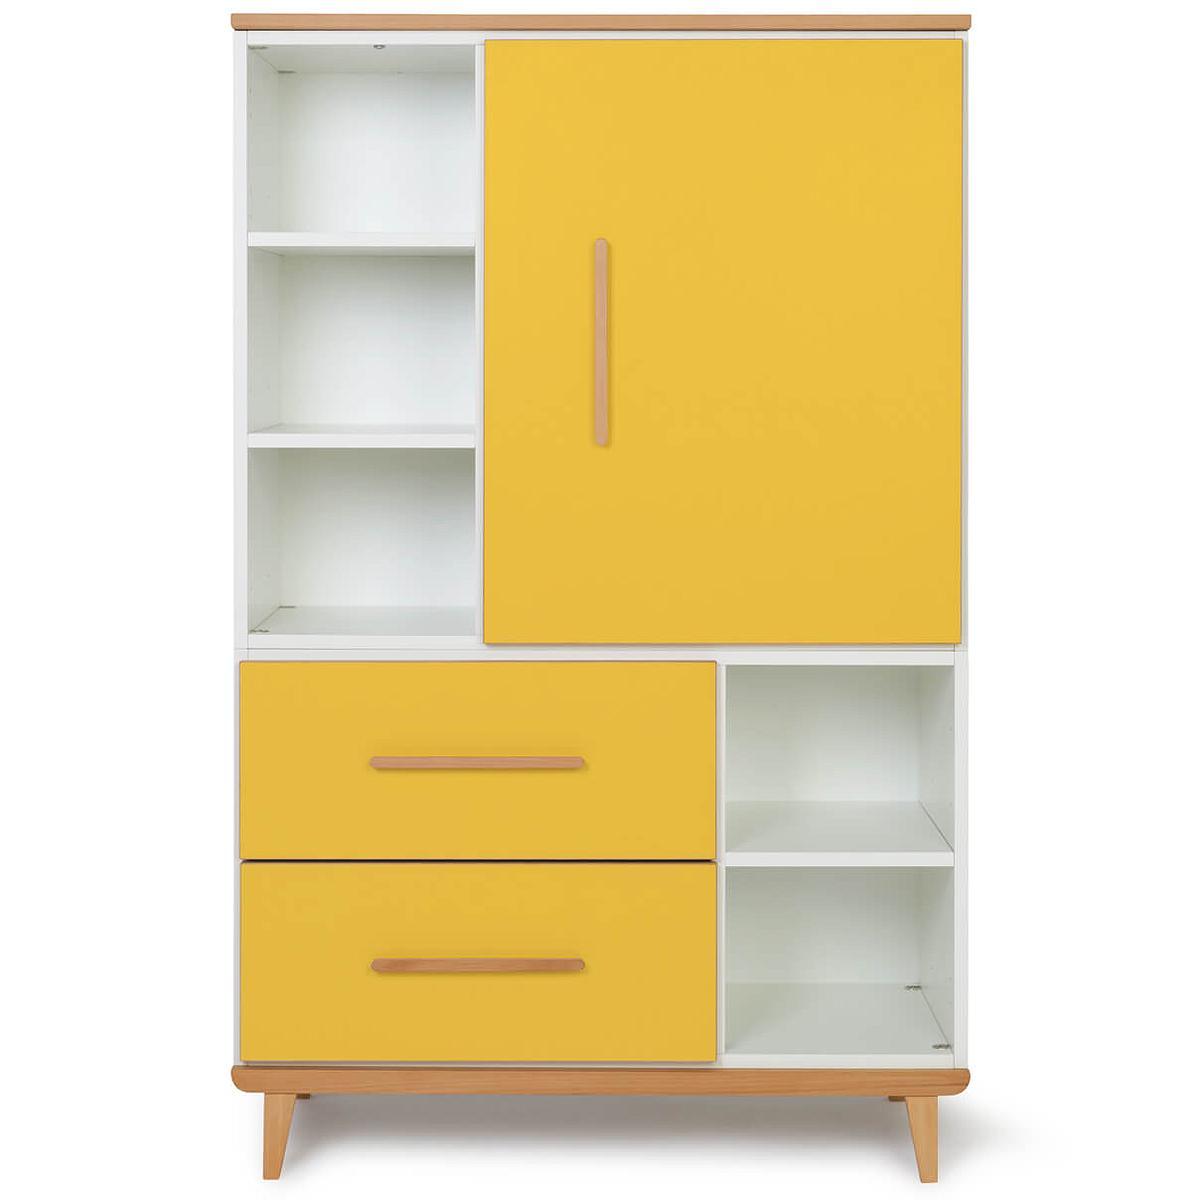 Armoire 147cm 1 porte 2 tiroirs NADO sunshine yellow